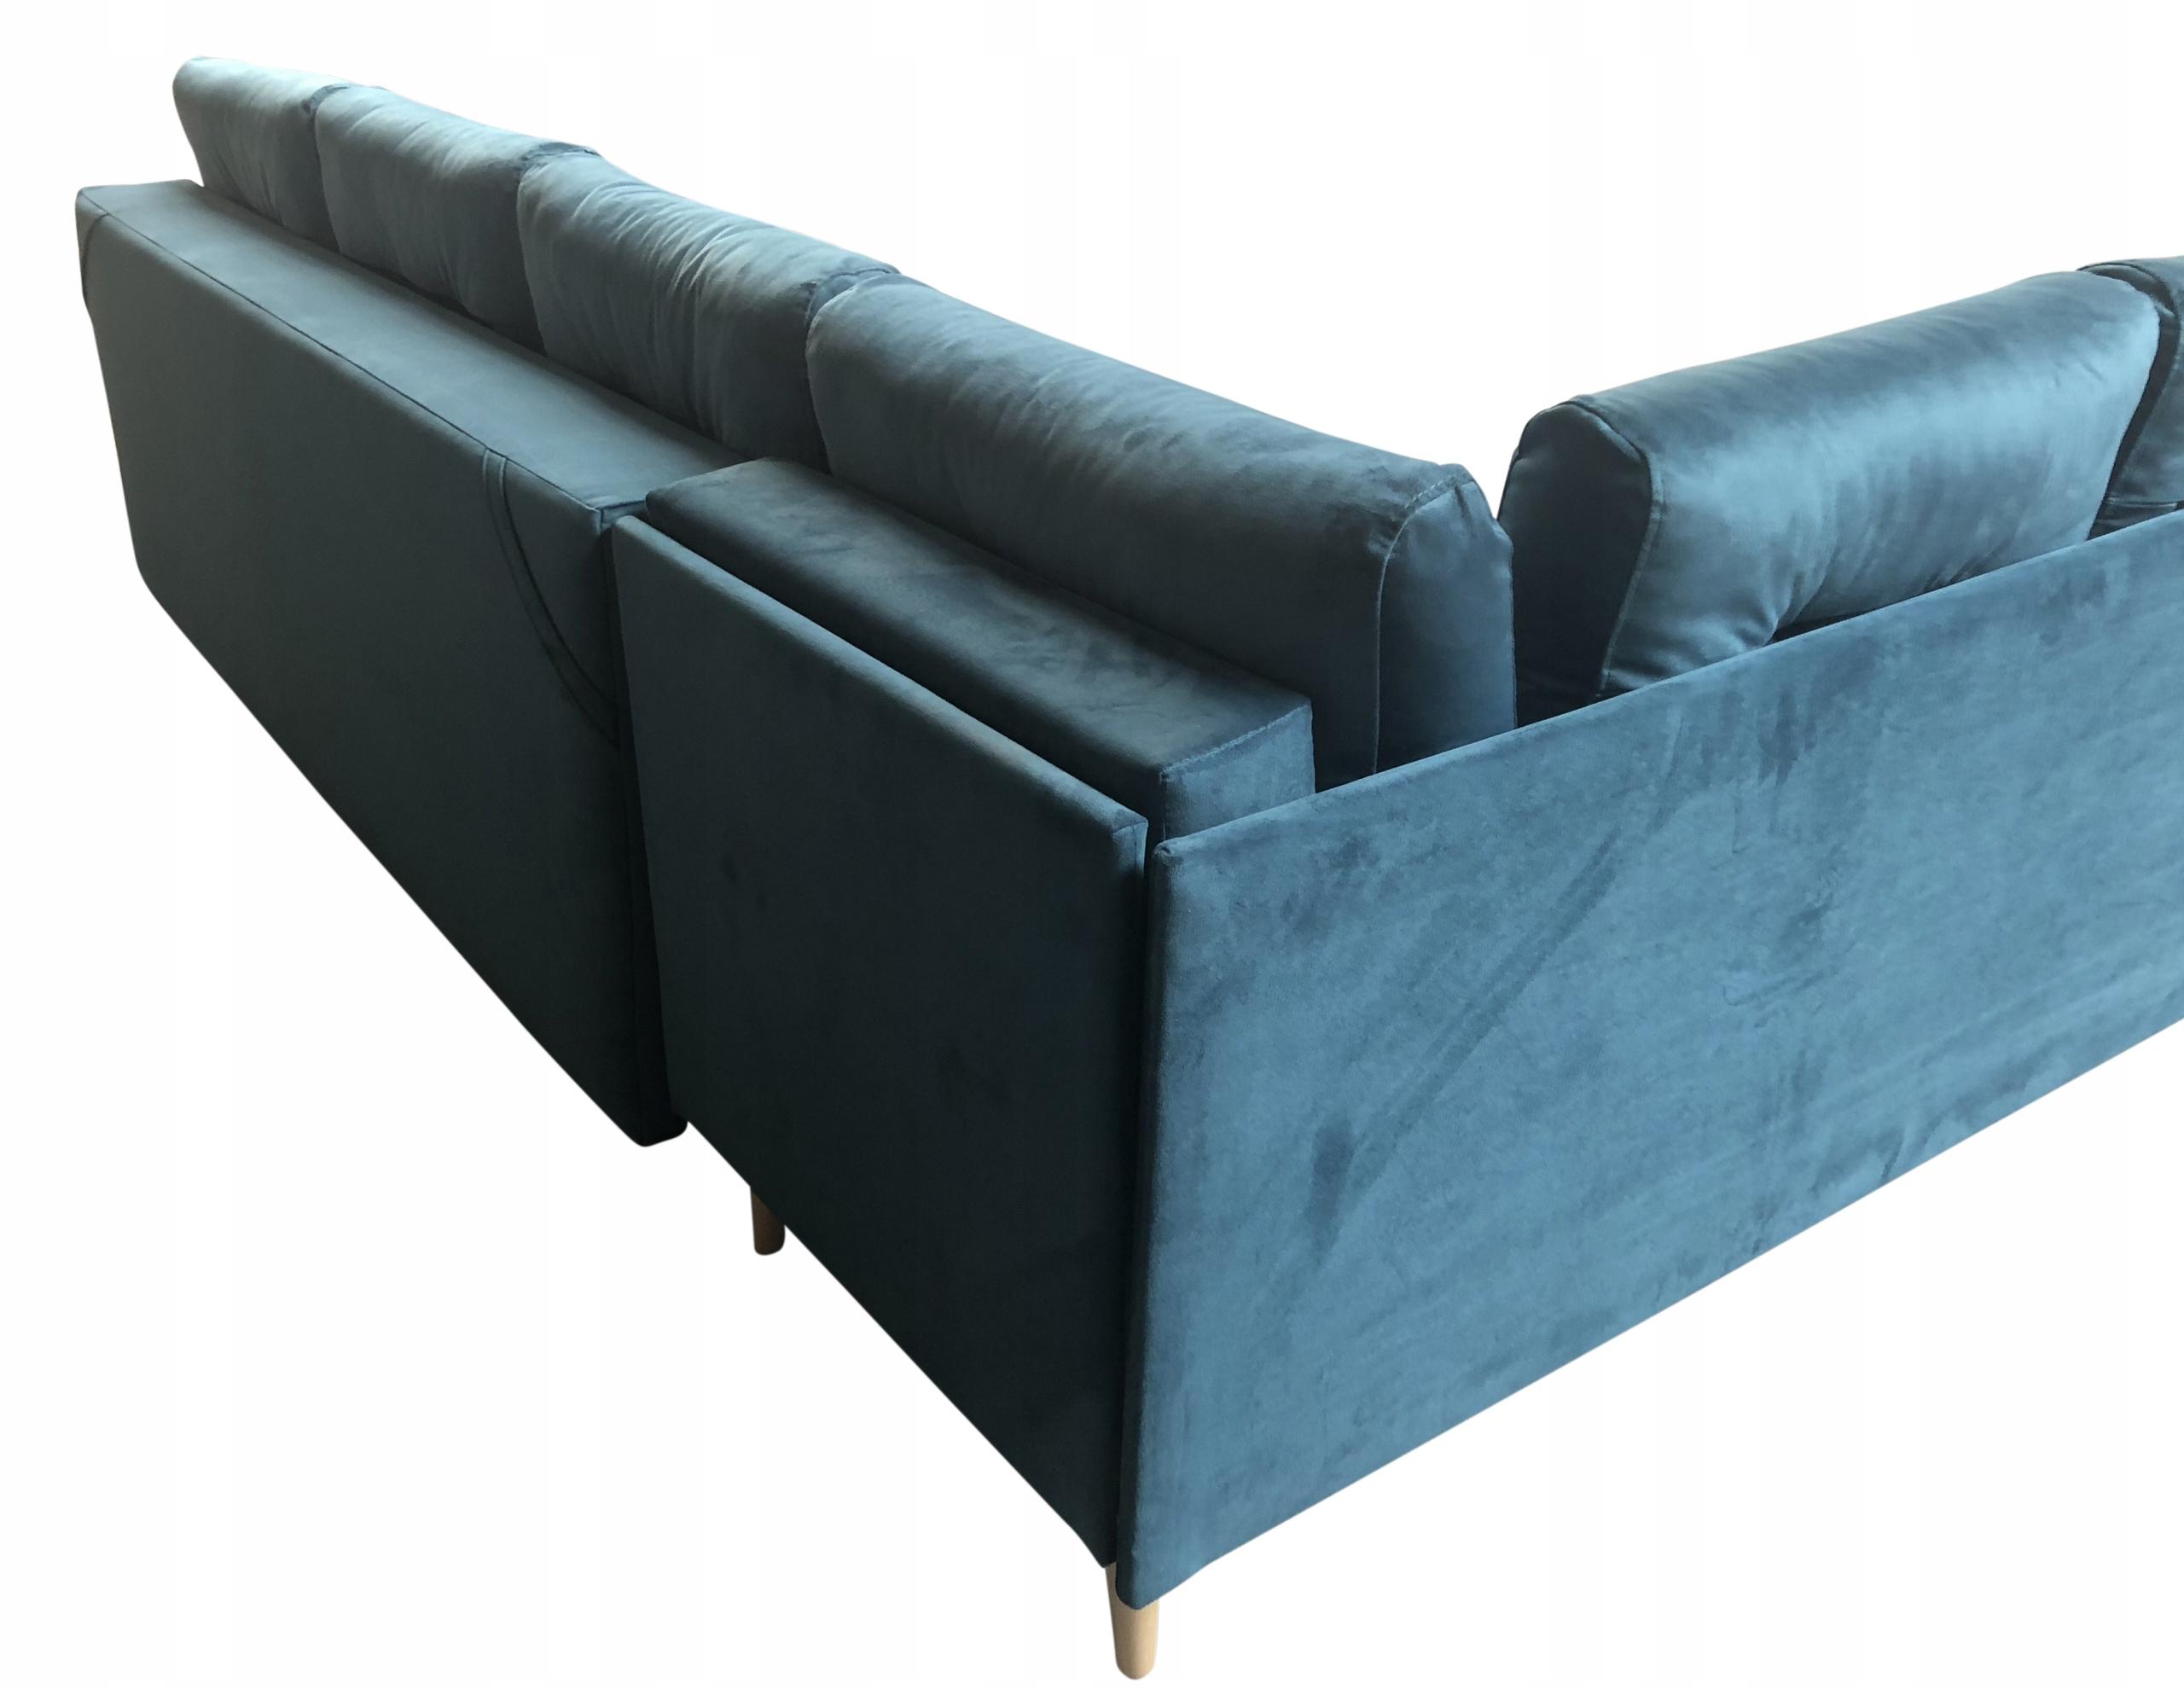 диван модерн угловой фото качеству связи слышимость